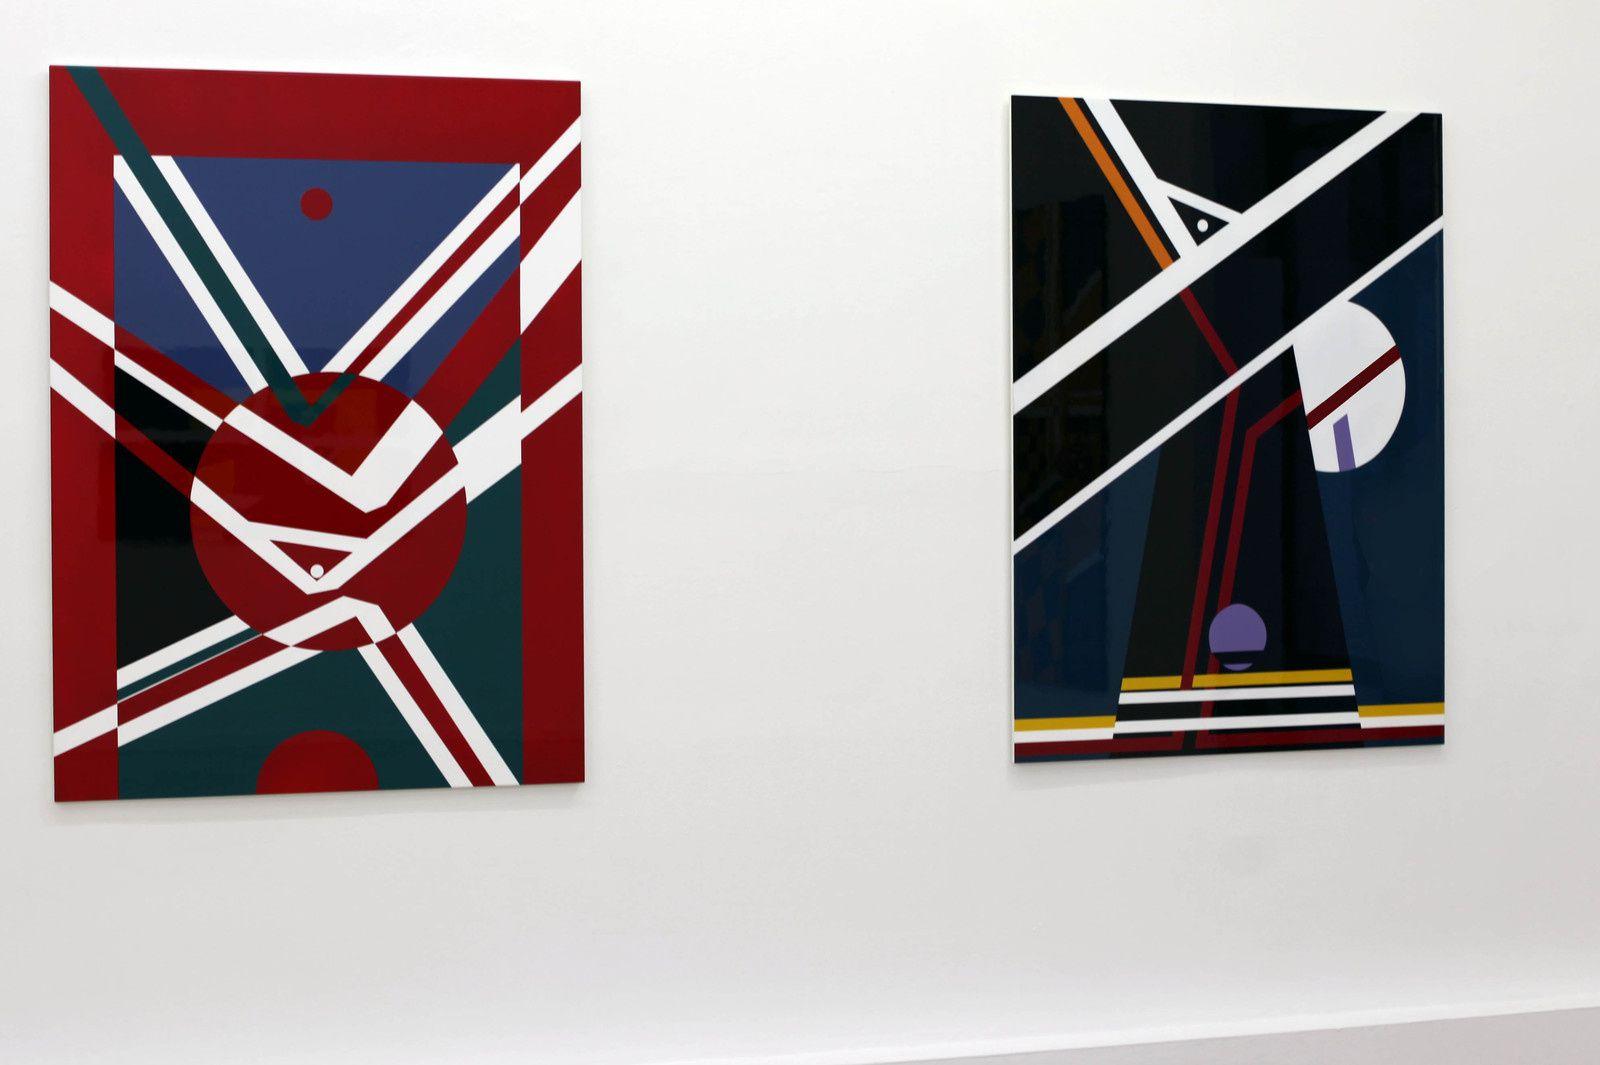 """""""Problématique géométrique #3"""", 1974 de ORLAN - Courtesy Galerie Ceysson & Bénétière © Photo Éric Simon"""